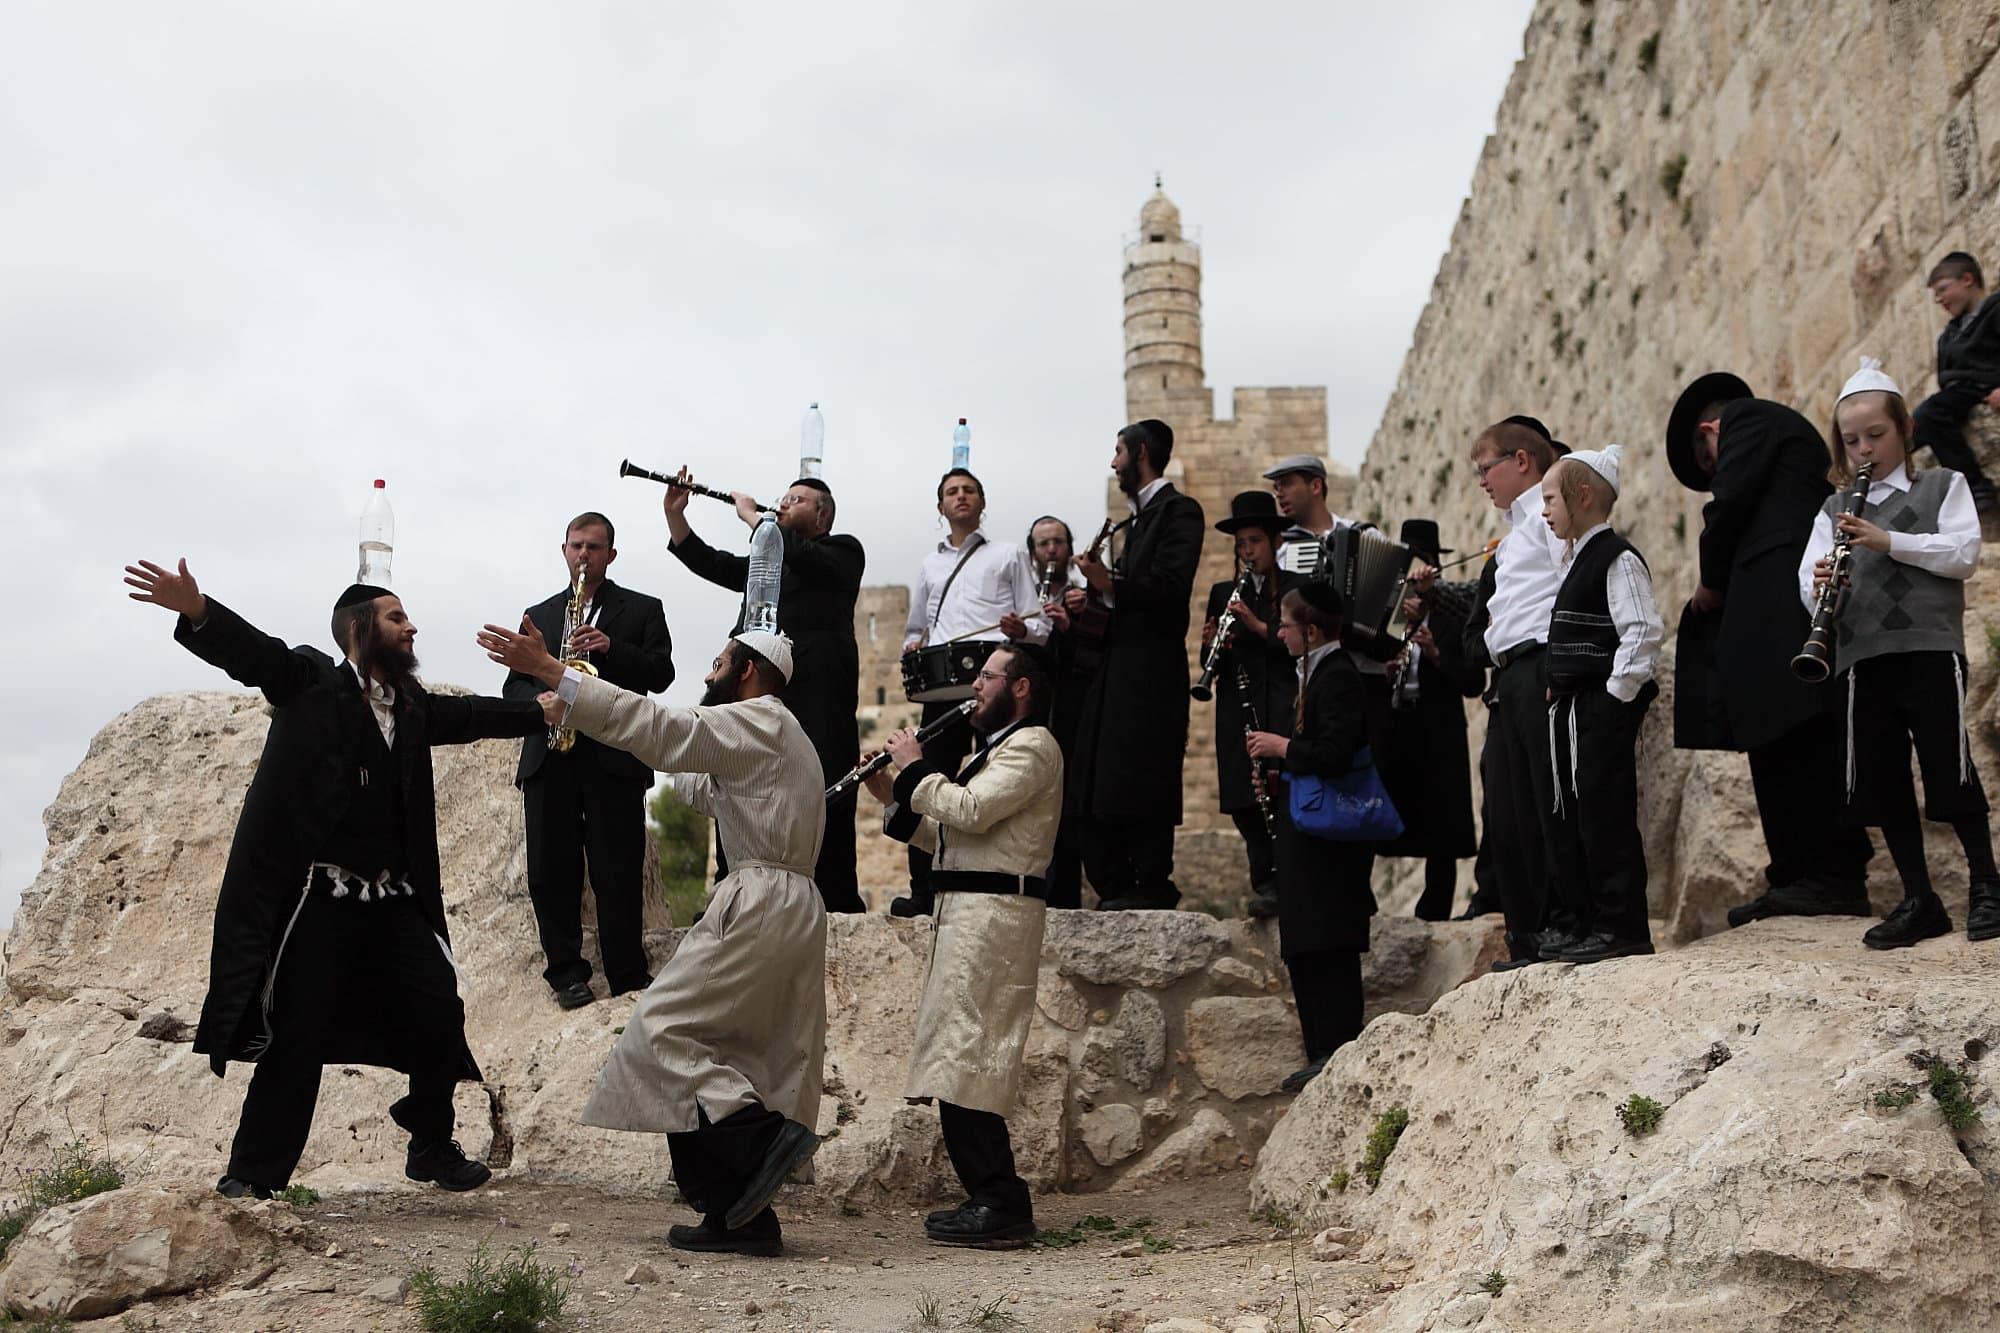 נגני כליזמר על רקע חומות ירושלים (צילום: Yaakov Naumi/Flash90)